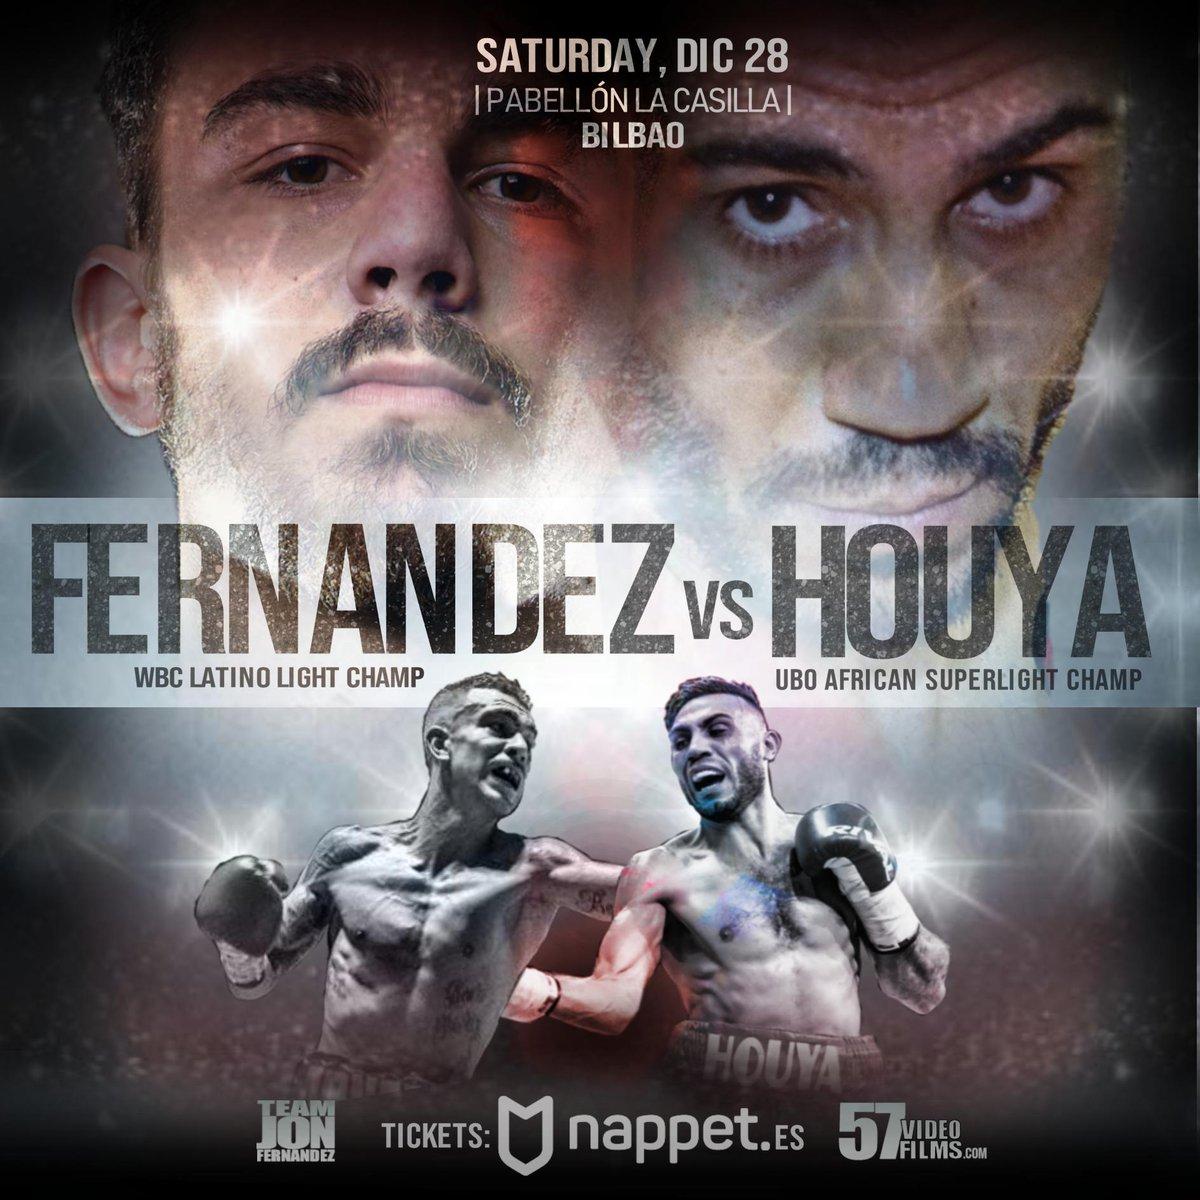 #Boxeo  #K1  #LaCasilla  #Bilbao  #Bizkaia  #Diciembre28   #JonferHouya  y #MendozaSantana  y mucho más.